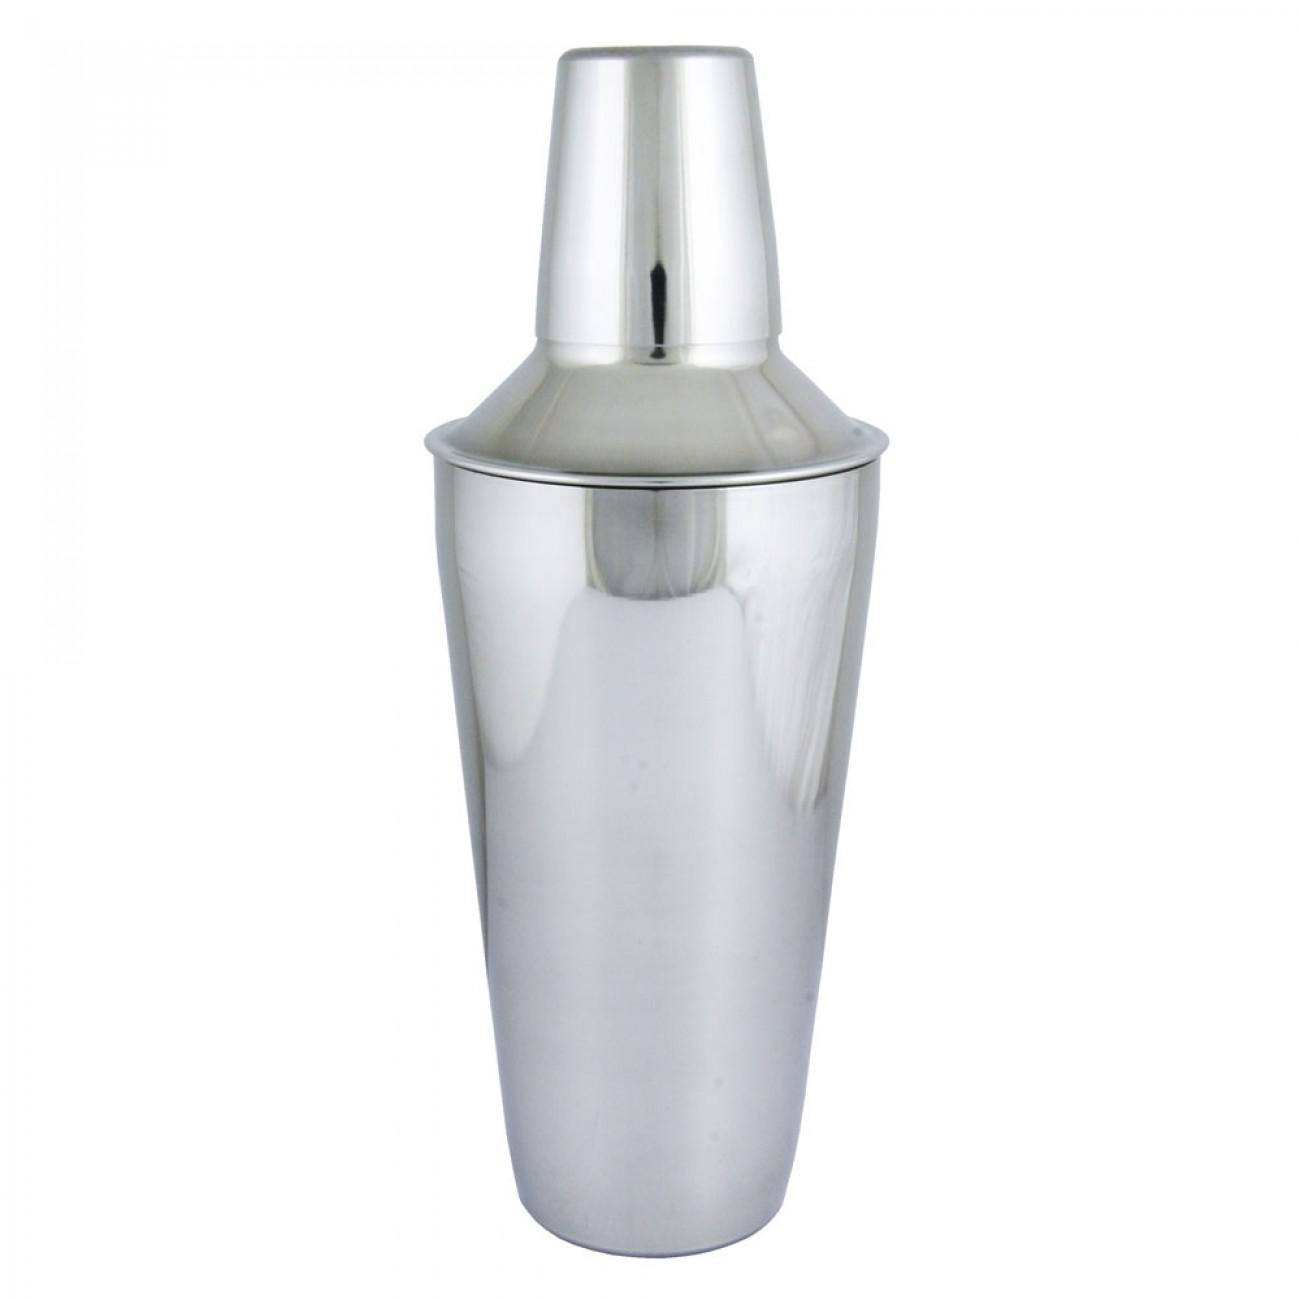 Шейкър за коктейли Kinghoff KH 1240, 0.7 литра, Инокс в Шейкъри - Kinghoff | Alleop